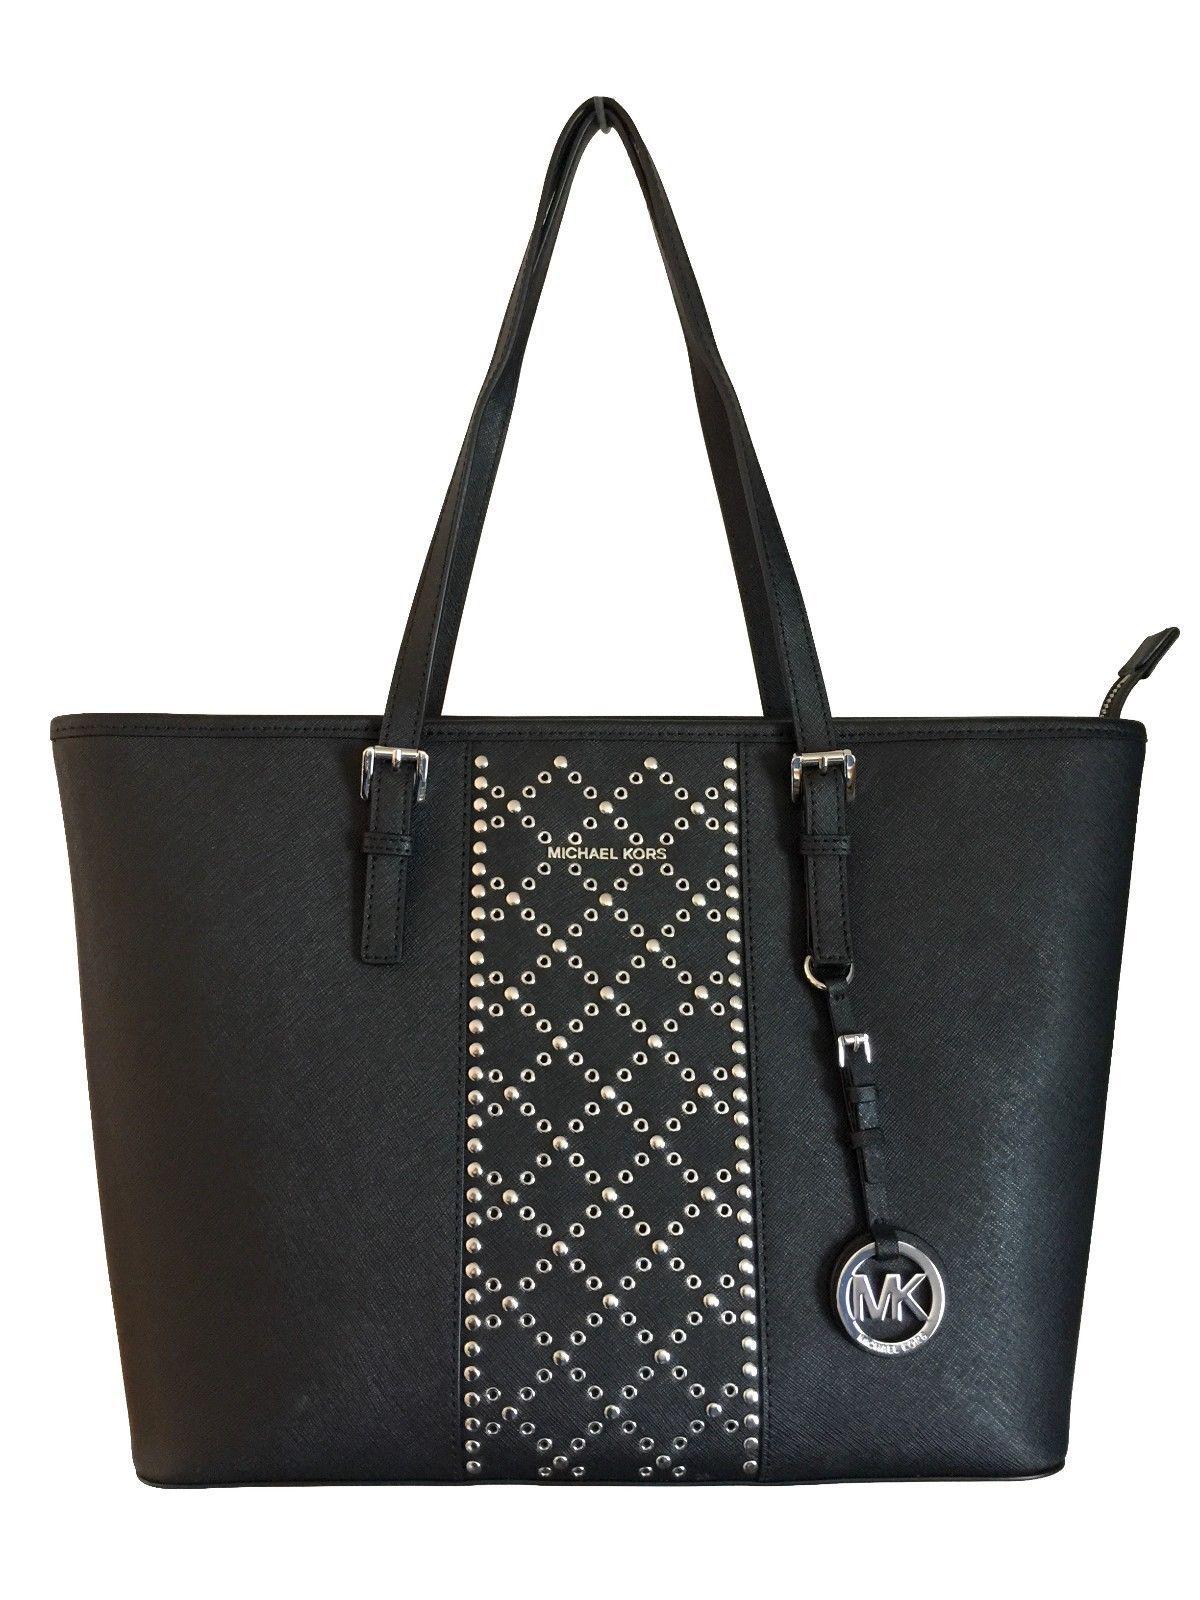 e5161240a0ff S l1600 10. S l1600 10. Previous. NWT MICHAEL KORS Jet Set Travel Top Zip  Tote Black Grommet Leather Bag Purse